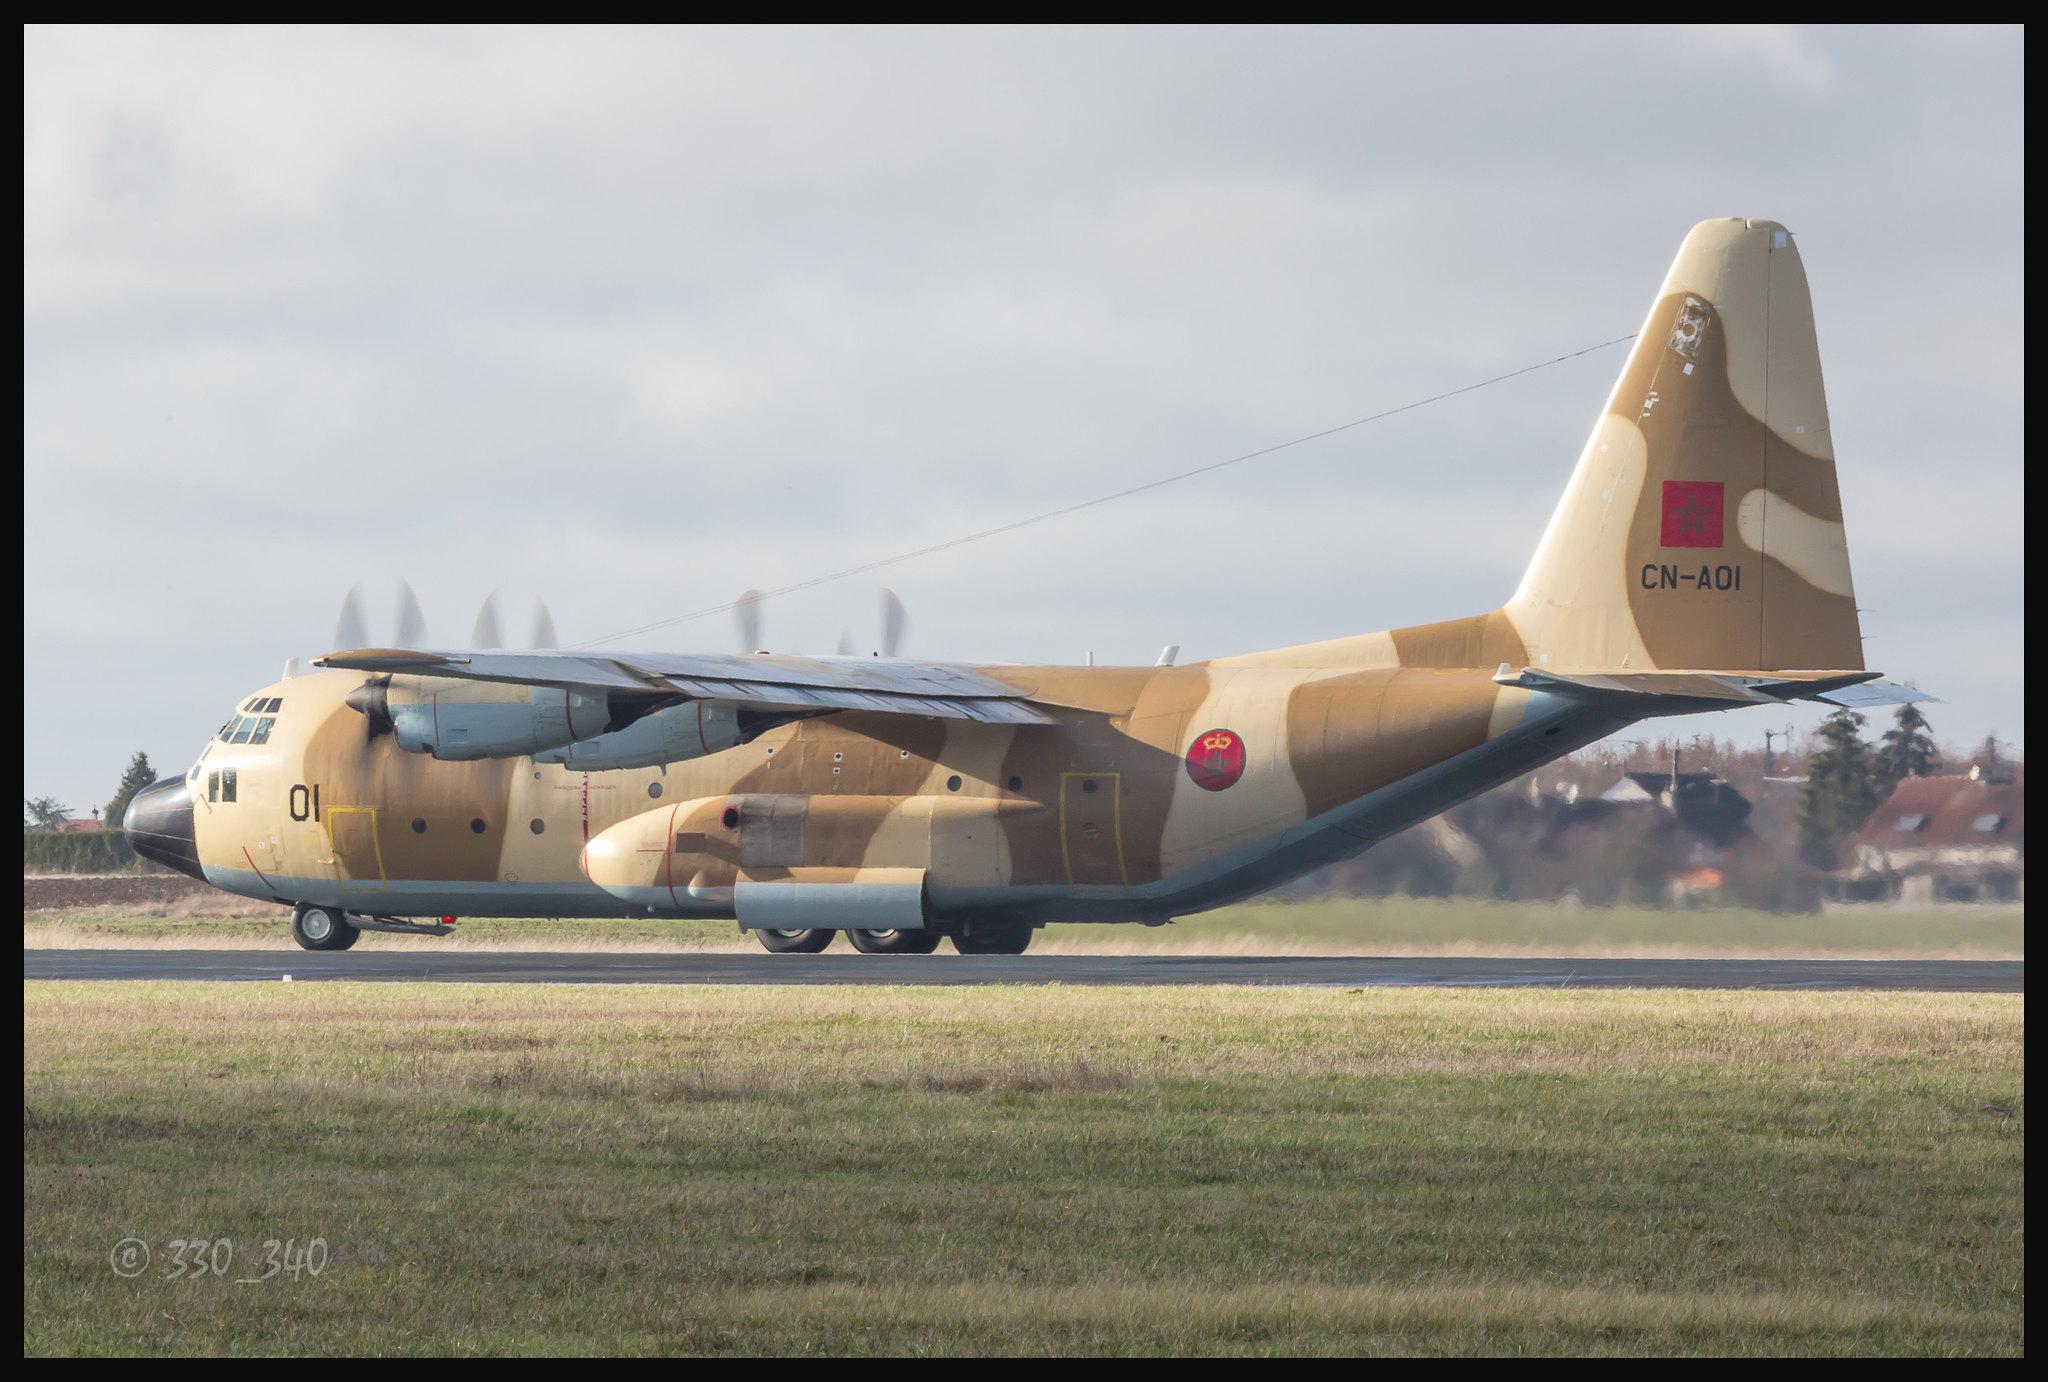 FRA: Photos d'avions de transport - Page 36 45481263695_abdc9f8833_k